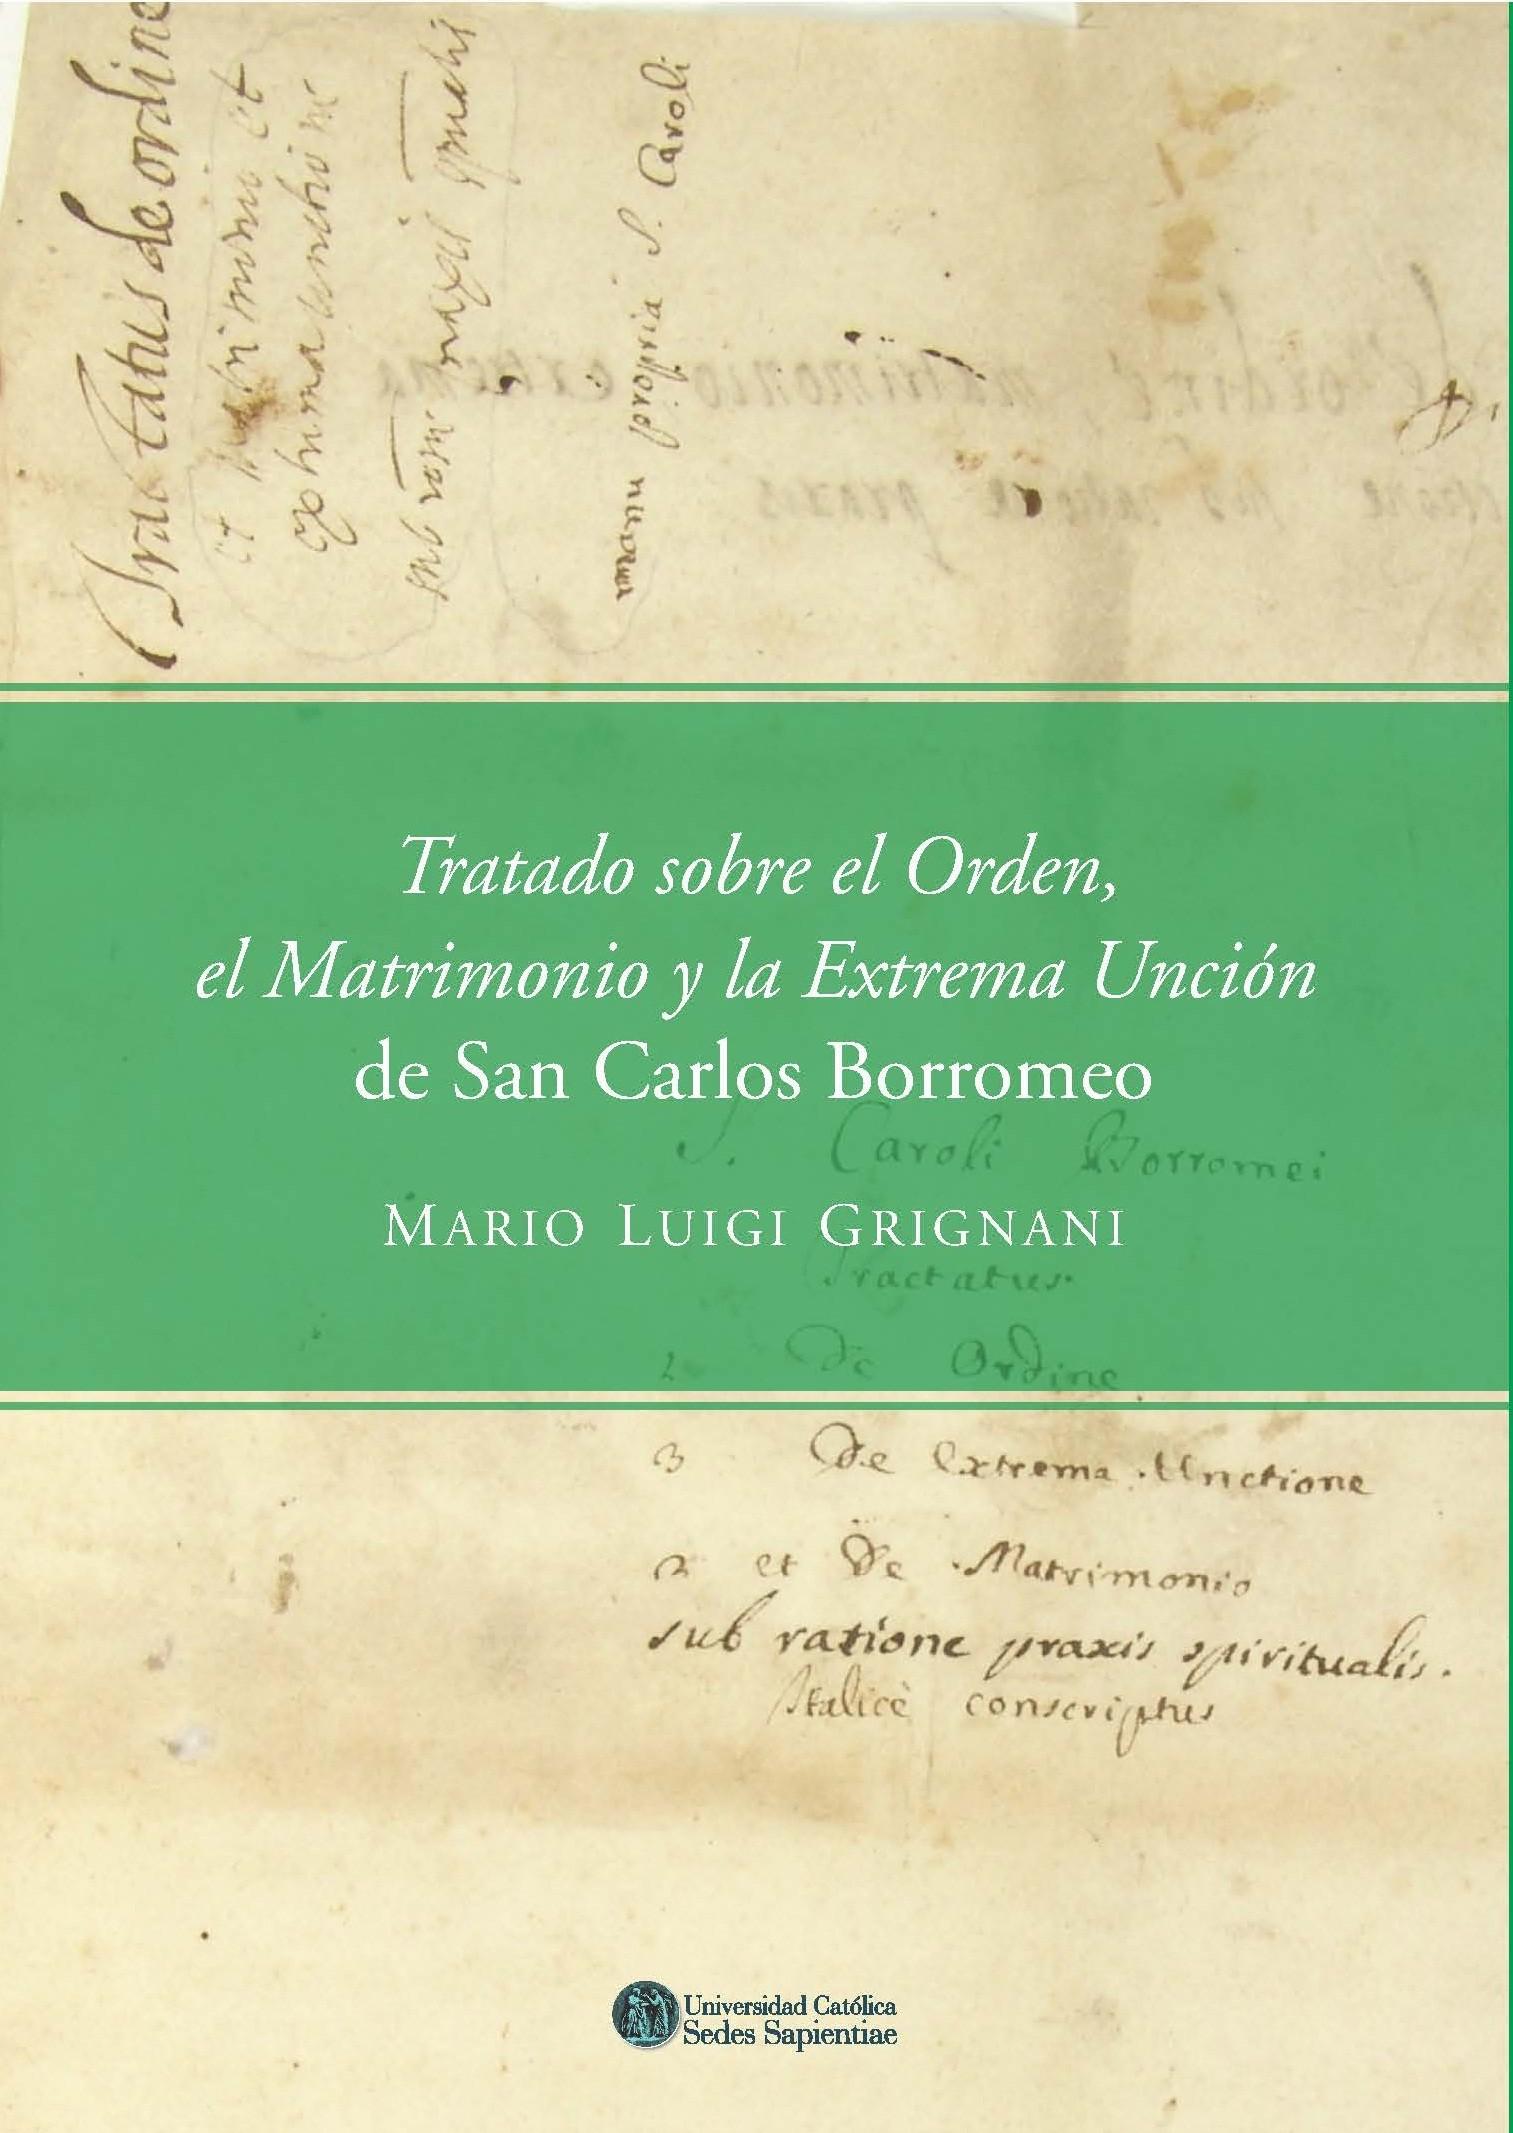 Tratado sobre el orden, el Matrimonio y la Extrema Unción de San Carlos Borromeo